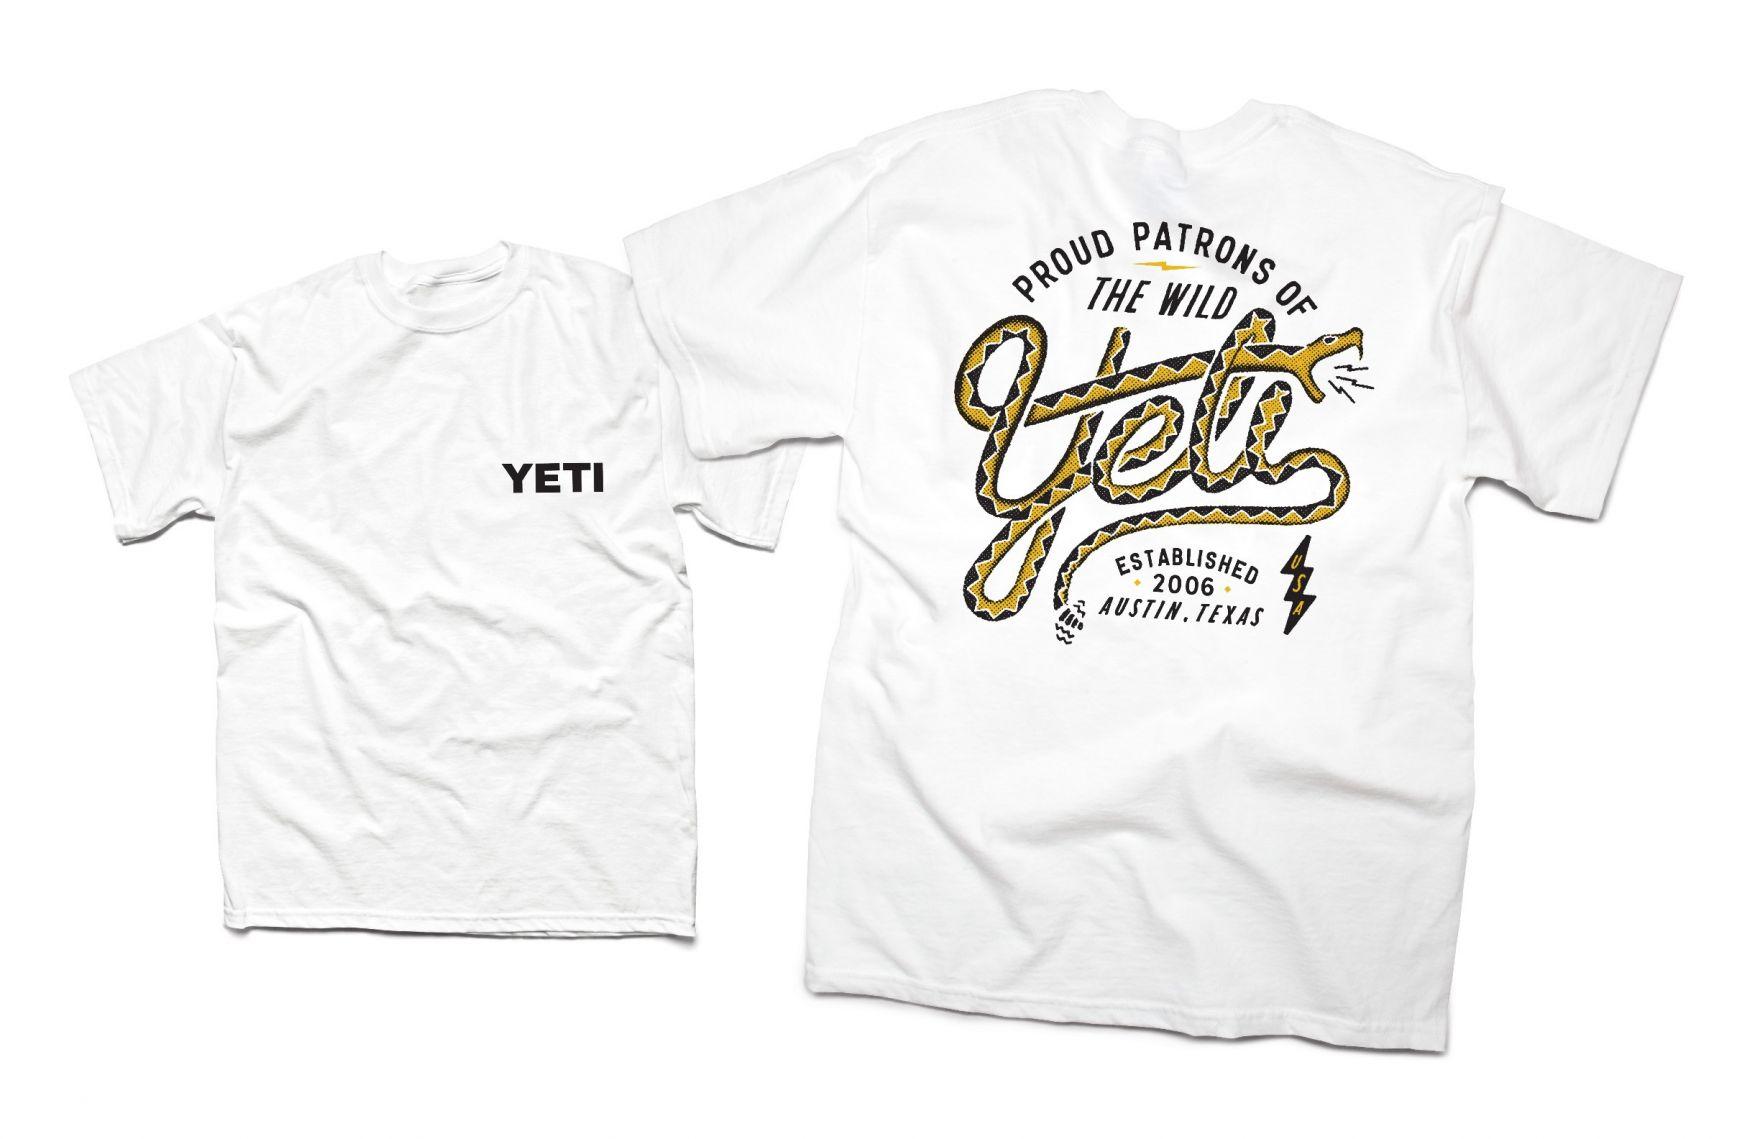 YETI-Screaming-Snake-Shirt-01-2-12